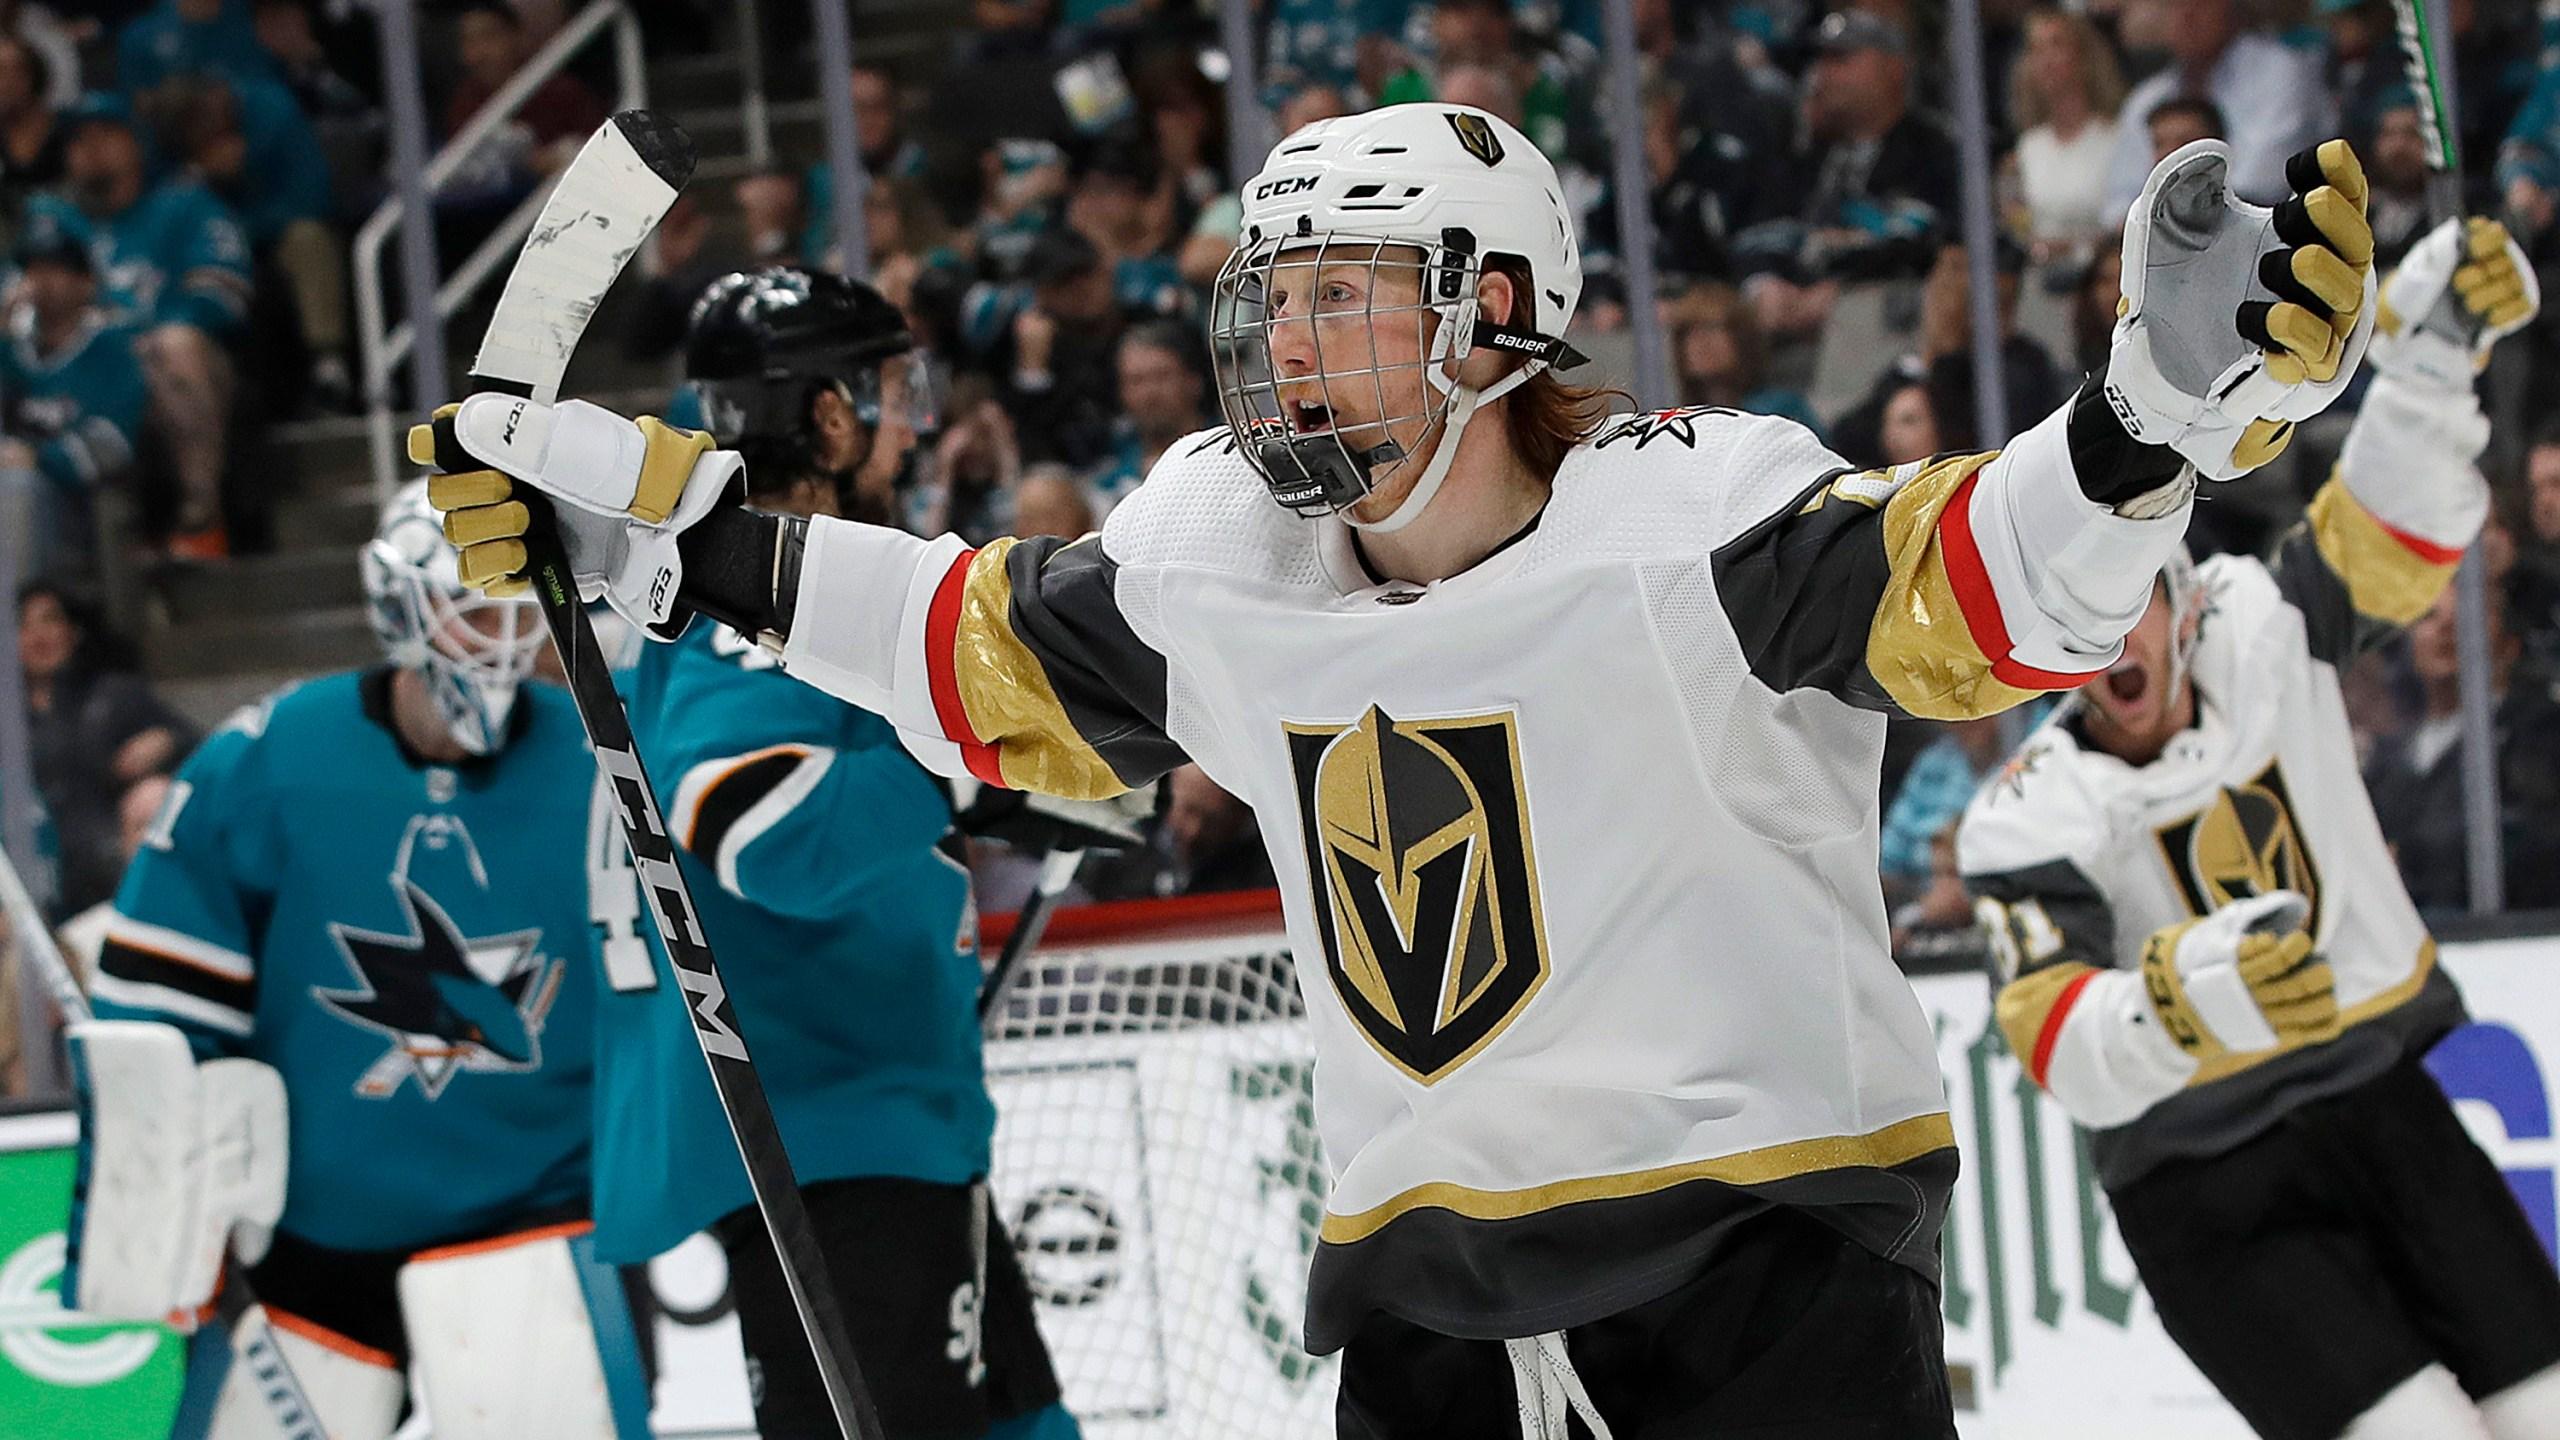 Golden_Knights_Sharks_Hockey_13647-159532.jpg99824592